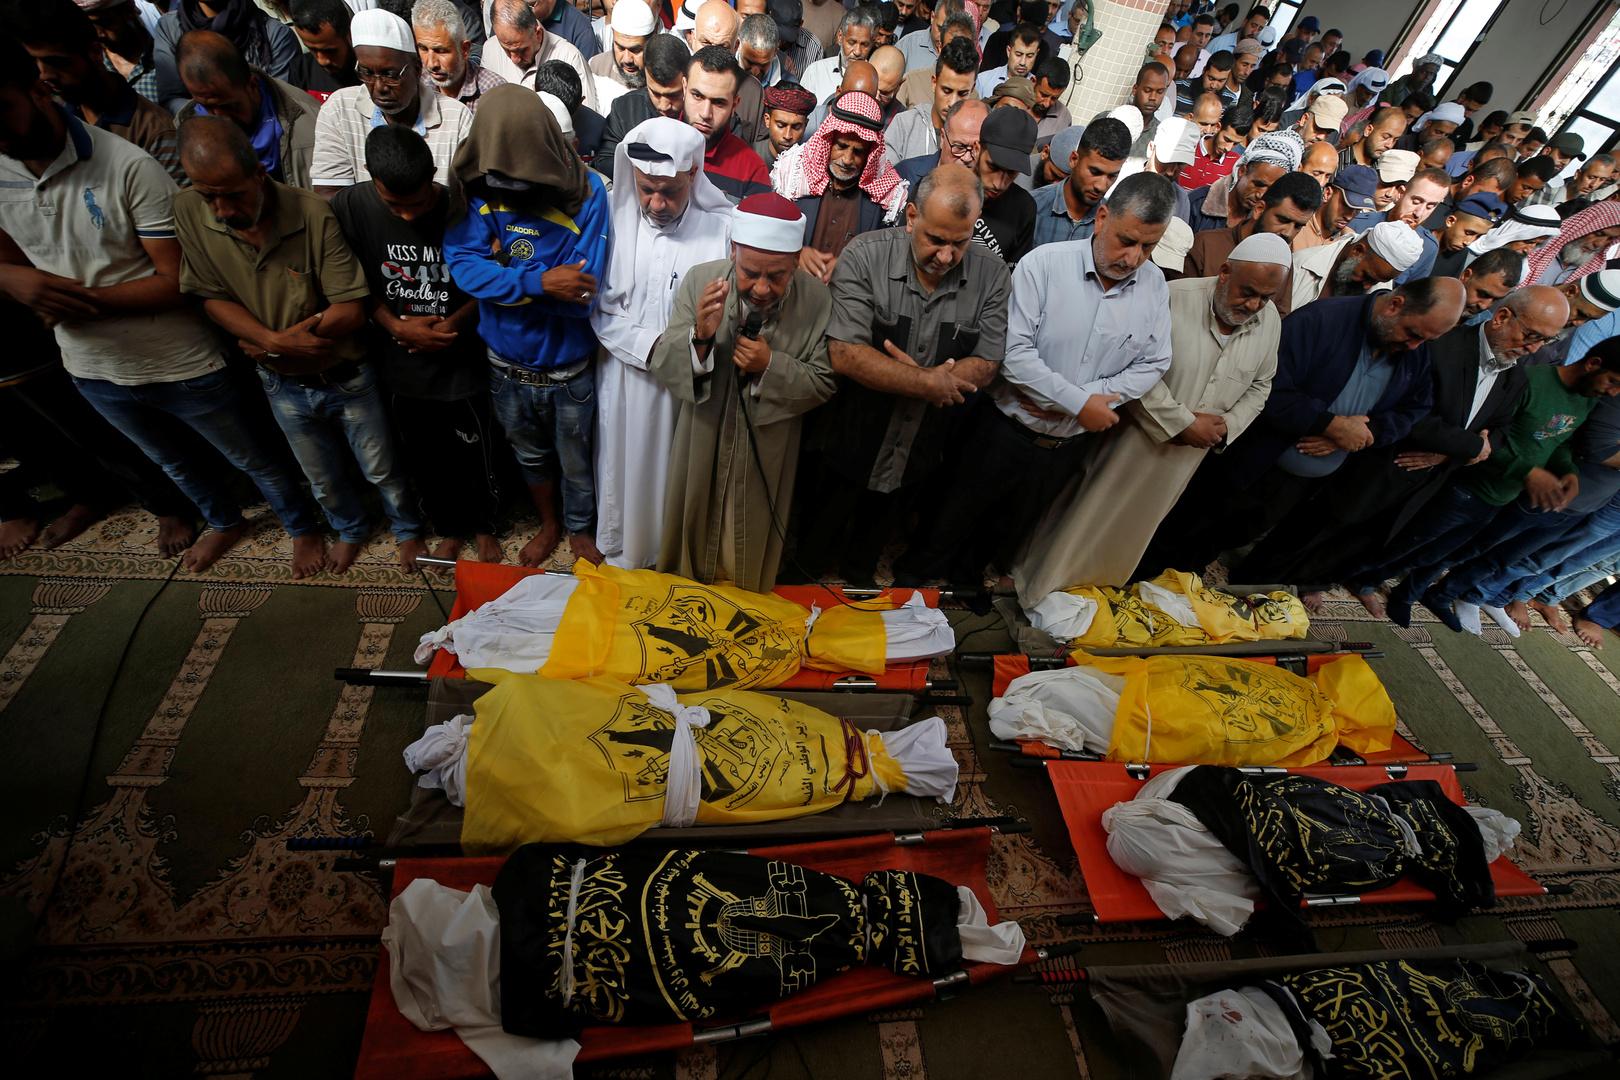 إسرائيل قتلت 149 فلسطينيا بينهم 33 طفلا خلال العام 2019